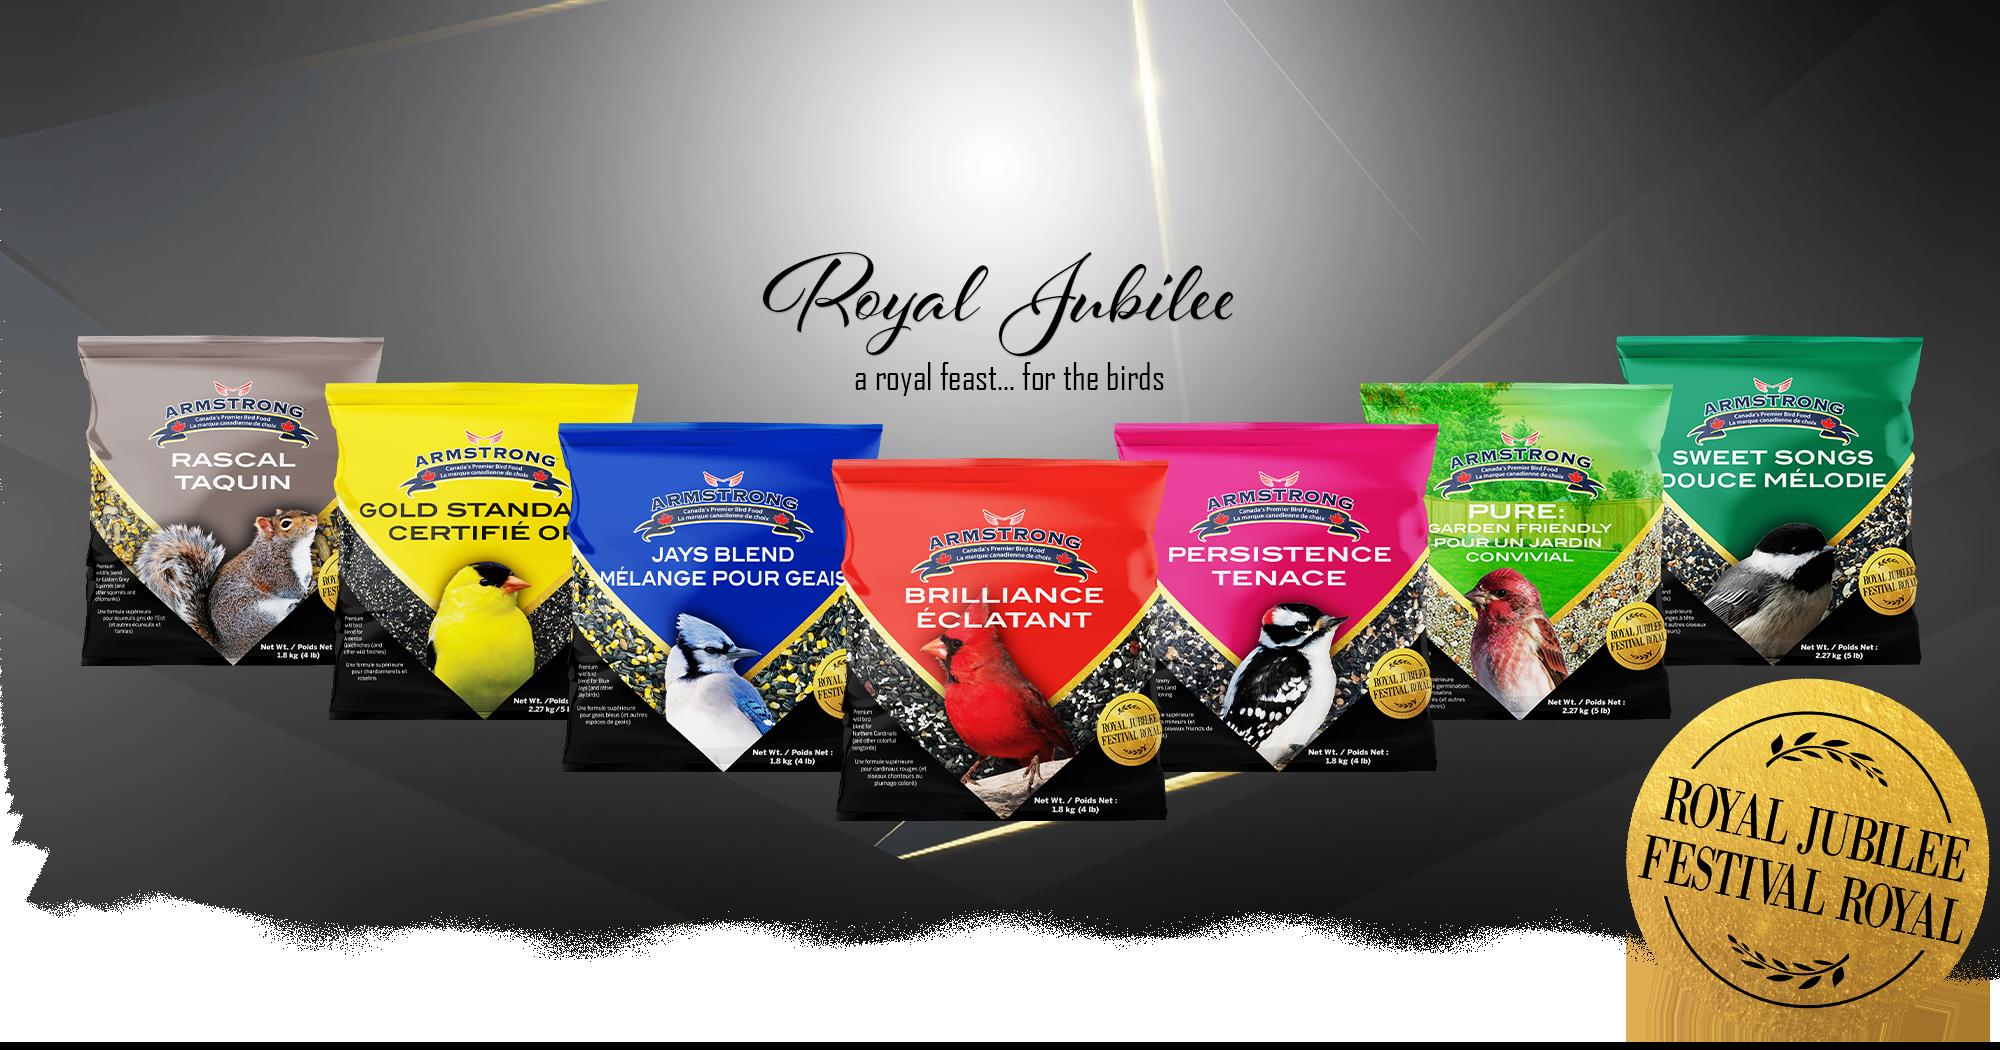 royal jubilee banner website akjsdlakjsdhga;